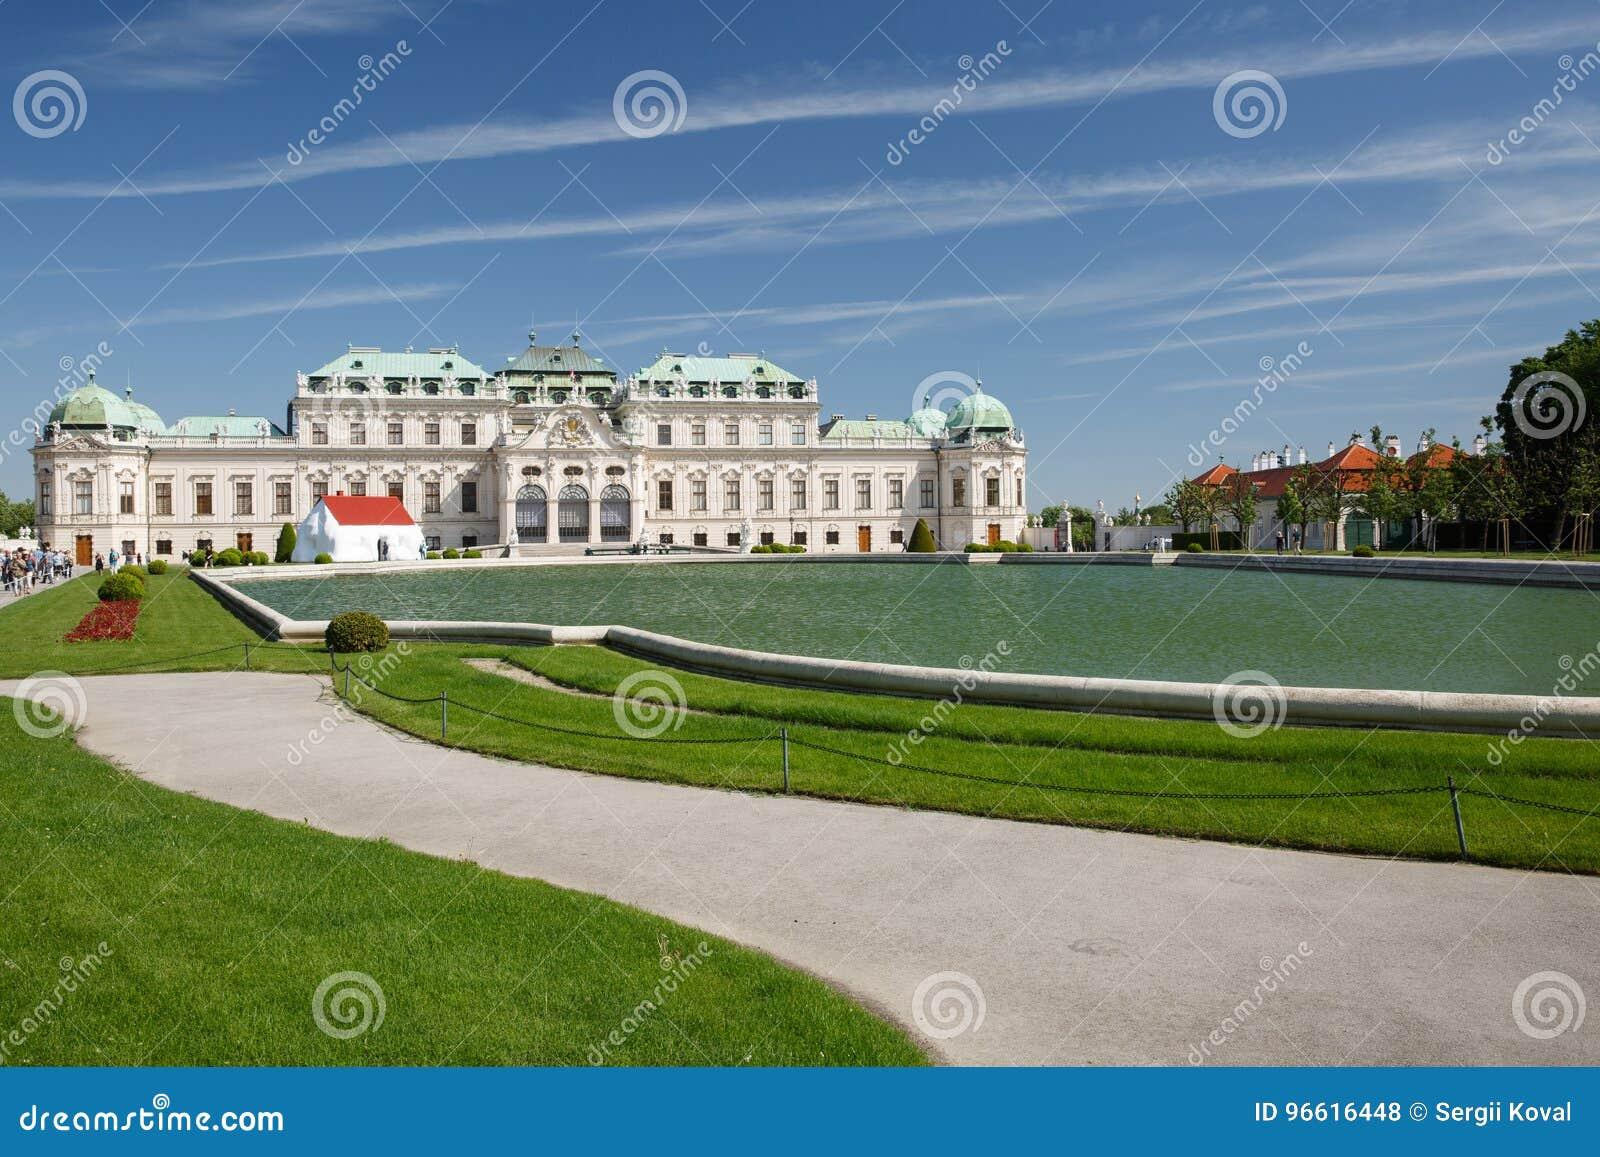 Le palais de belvédère et l étang, Vienne, Autriche